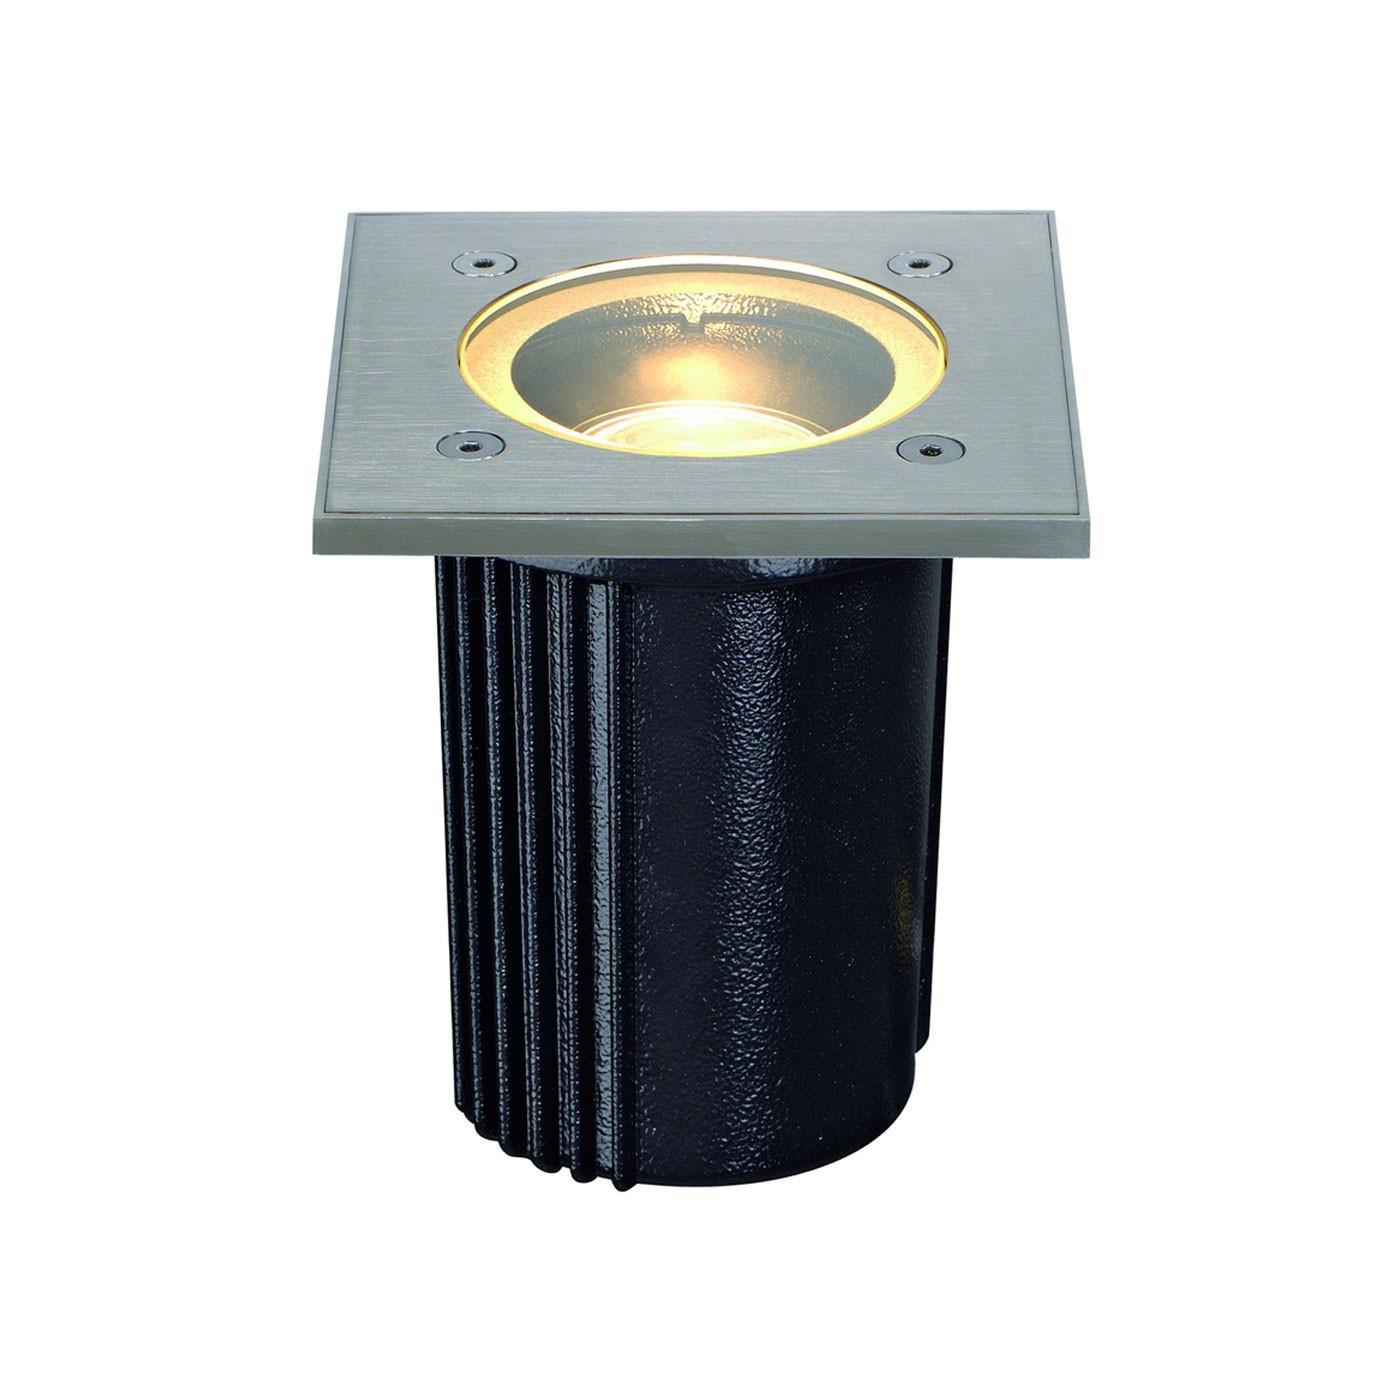 SLV Dasar Exact GU10 lampe encastrée